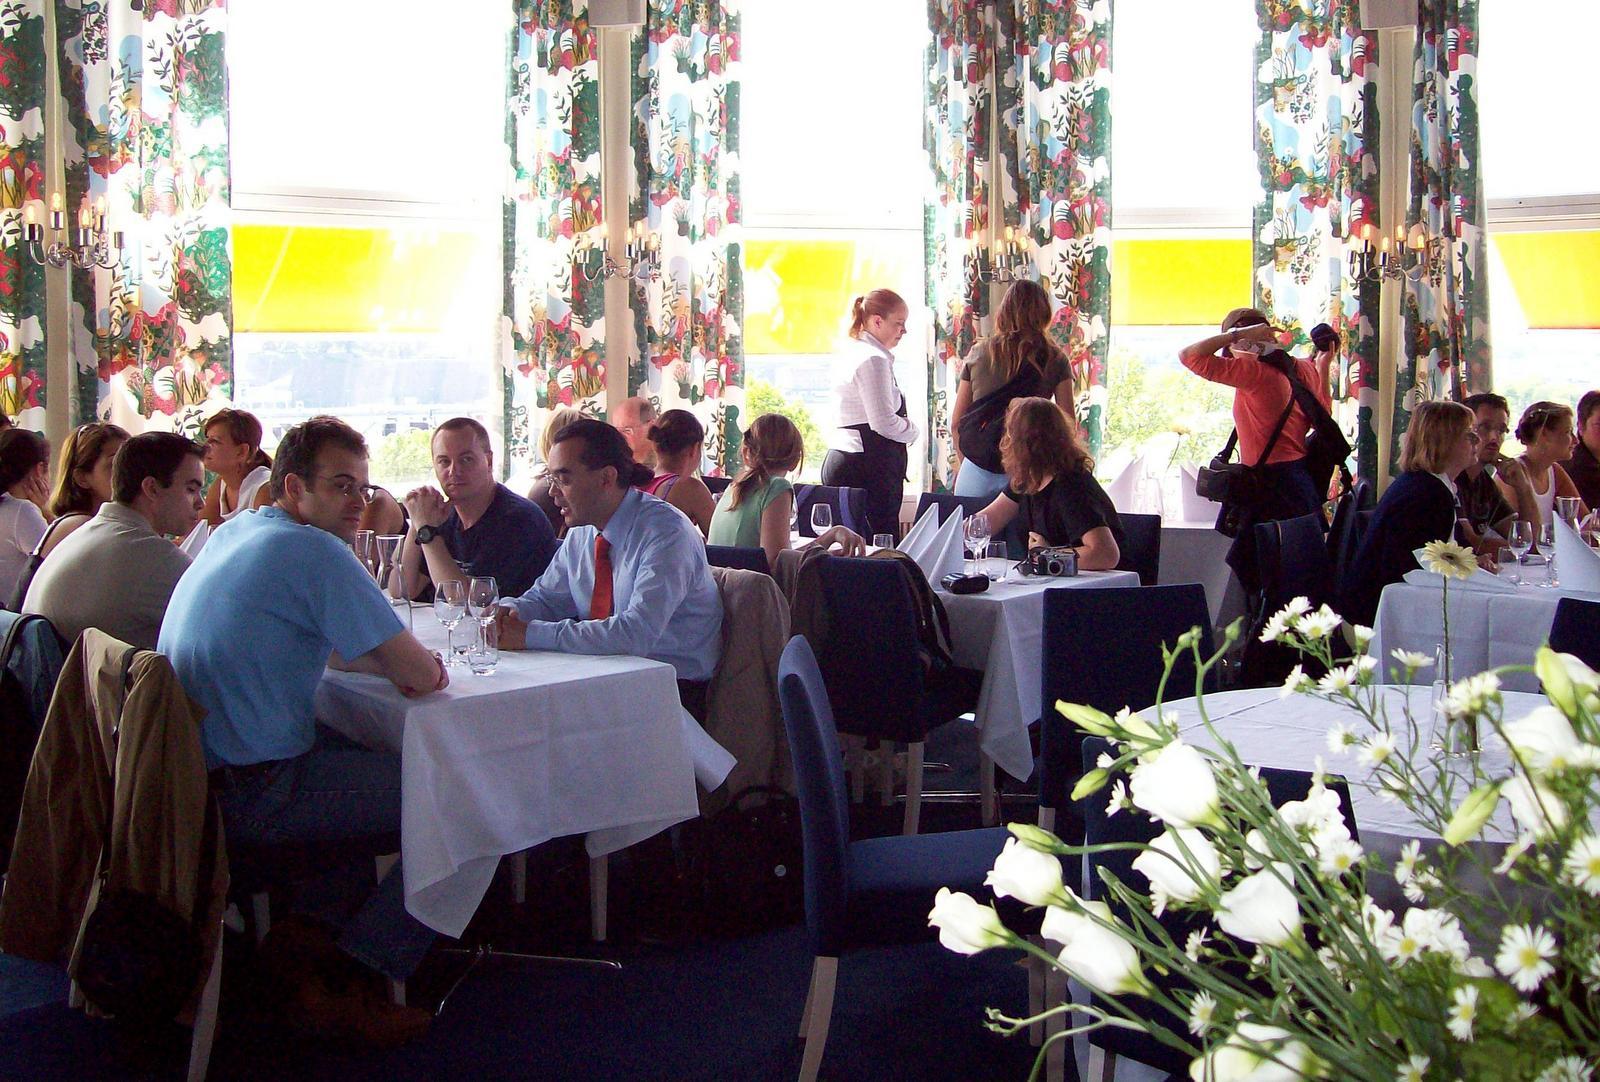 Café Ekorren Stockholm